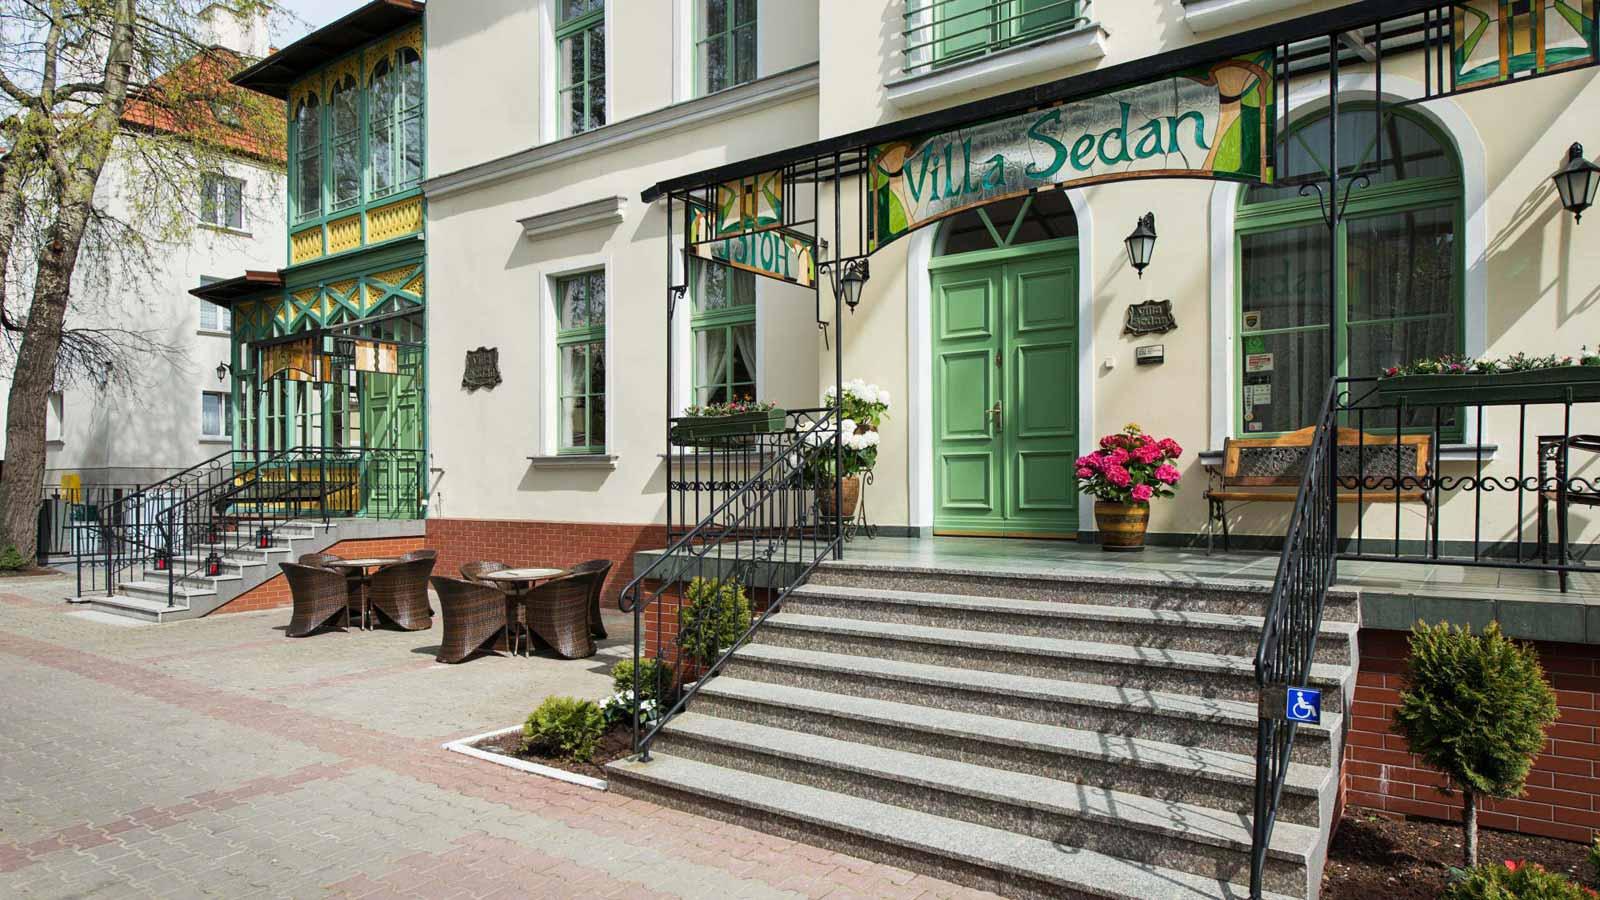 Hotel Villa Sedan Sopot